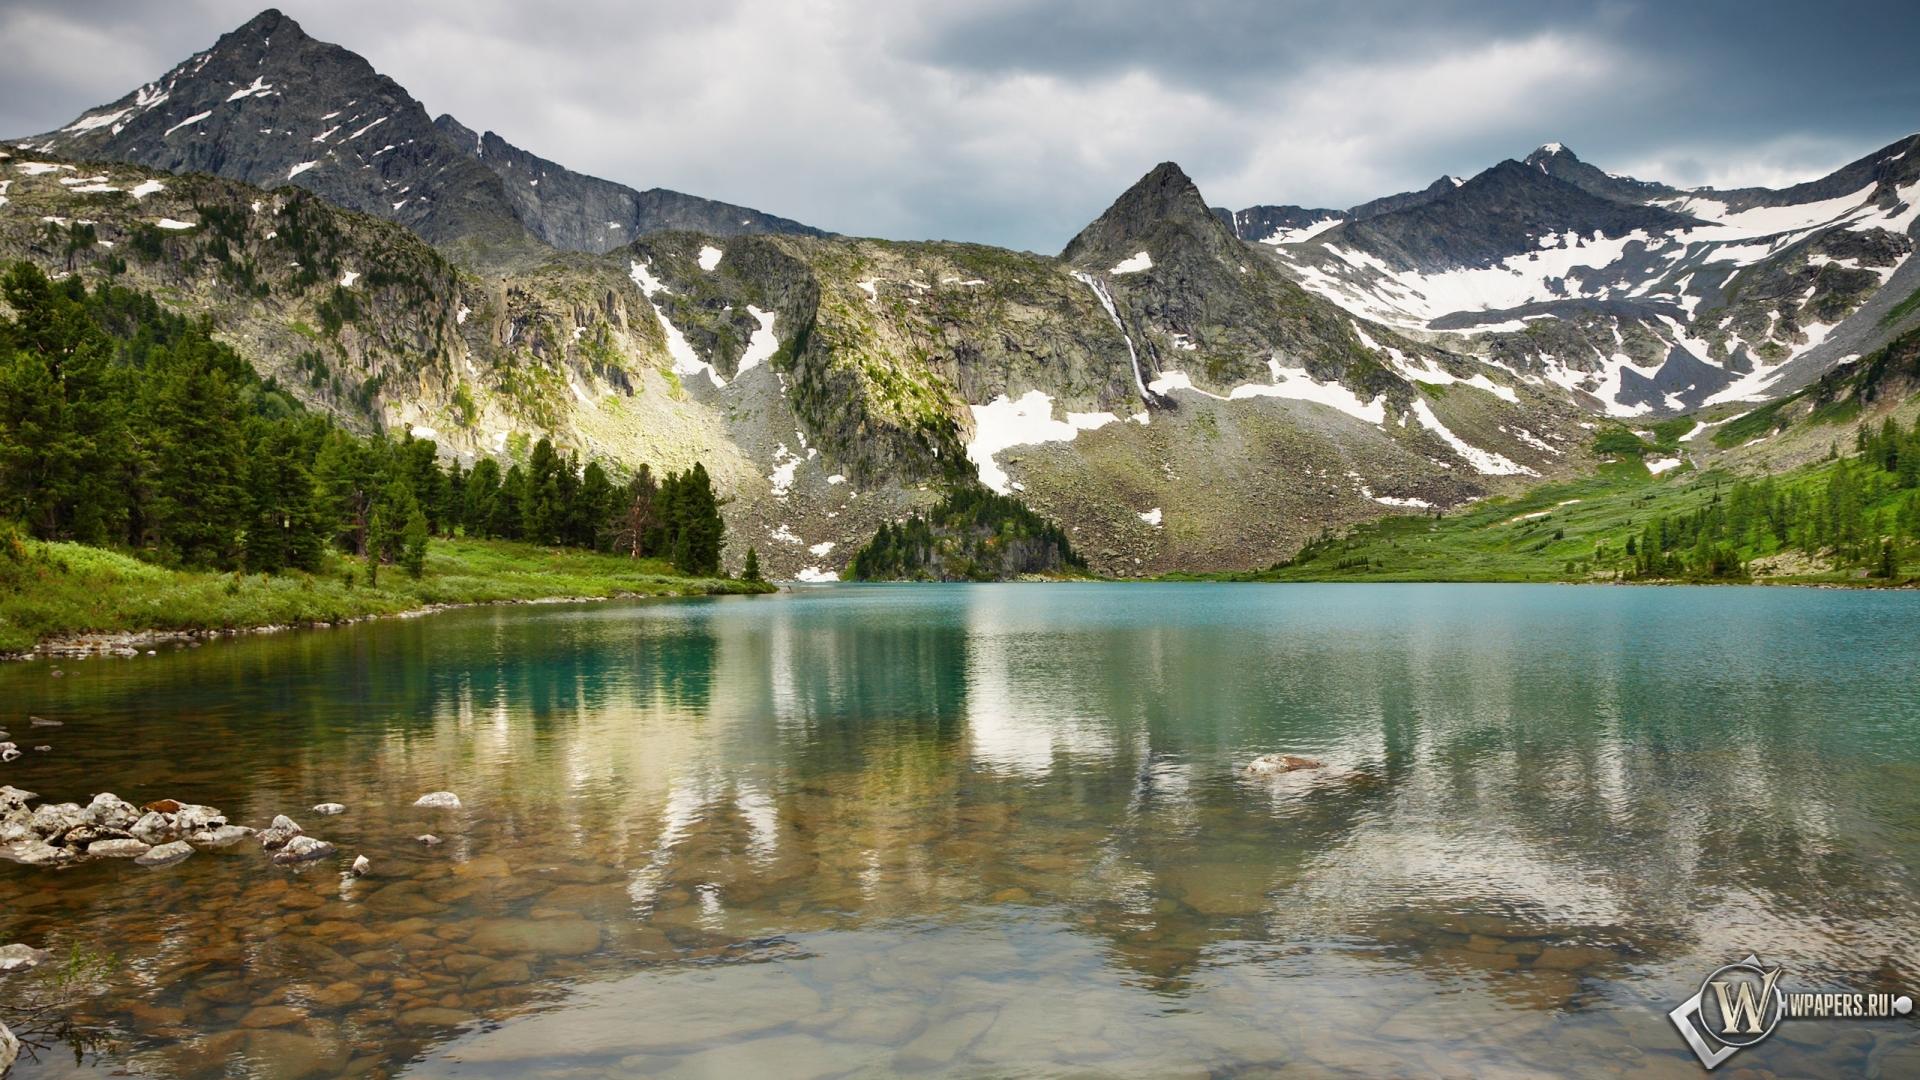 горный пейзаж горы обоев 271 лес обоев ...: wpapers.ru/wallpapers/nature/Mountains/12169/1920-1080_Горный...